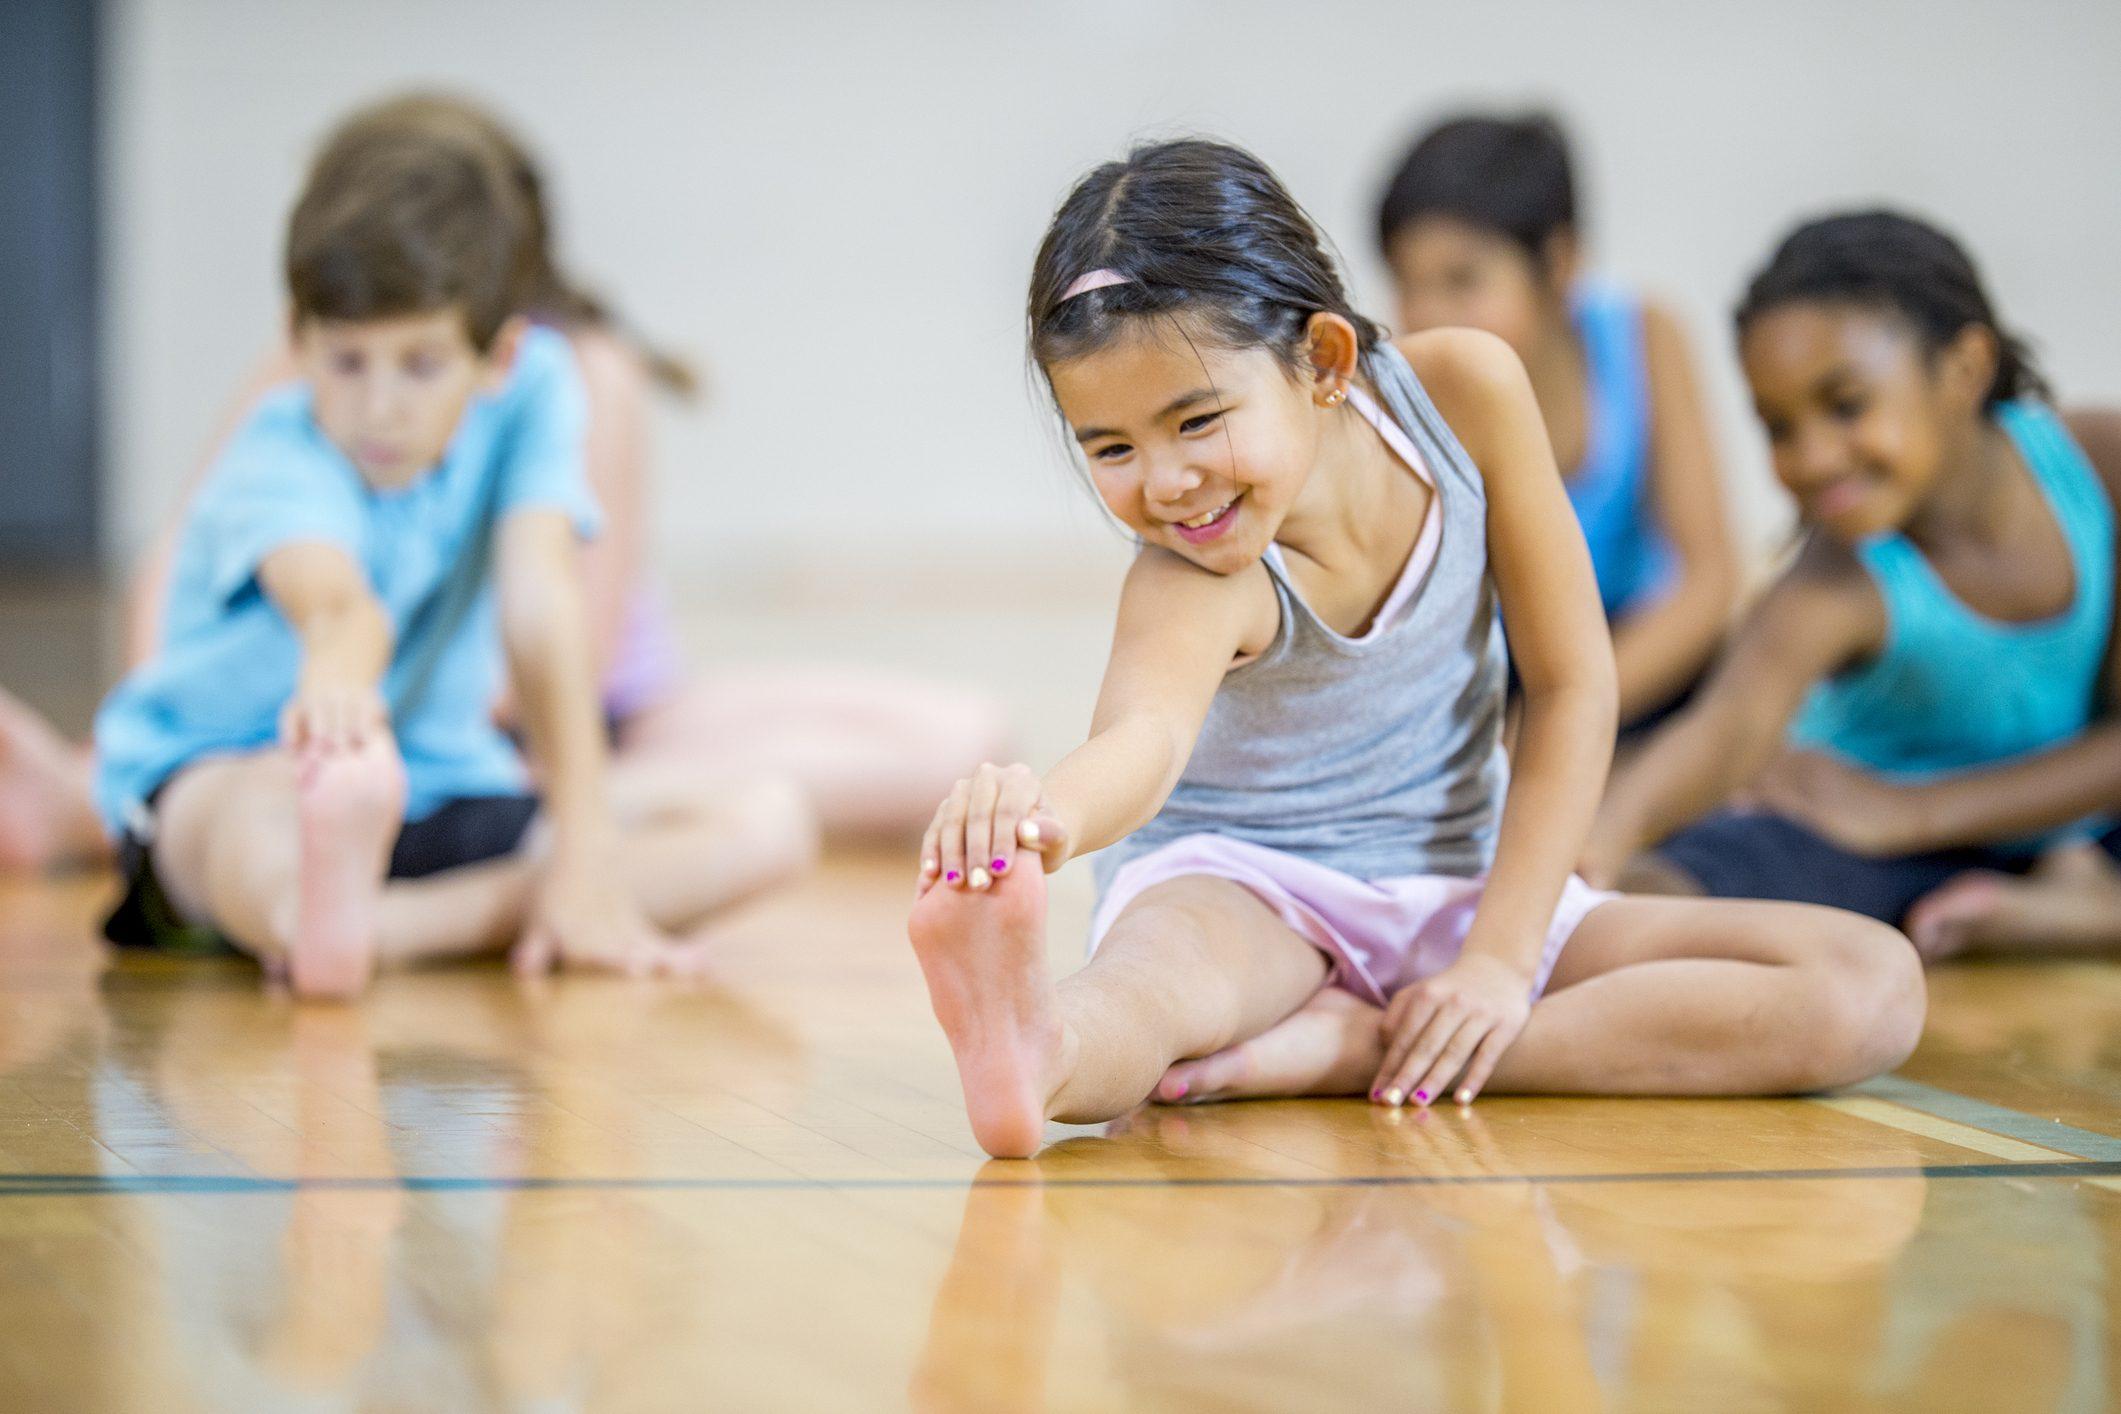 a15051e1e67b Esercizi di ginnastica per bambini per rinforzare gambe, schiena e  addominali